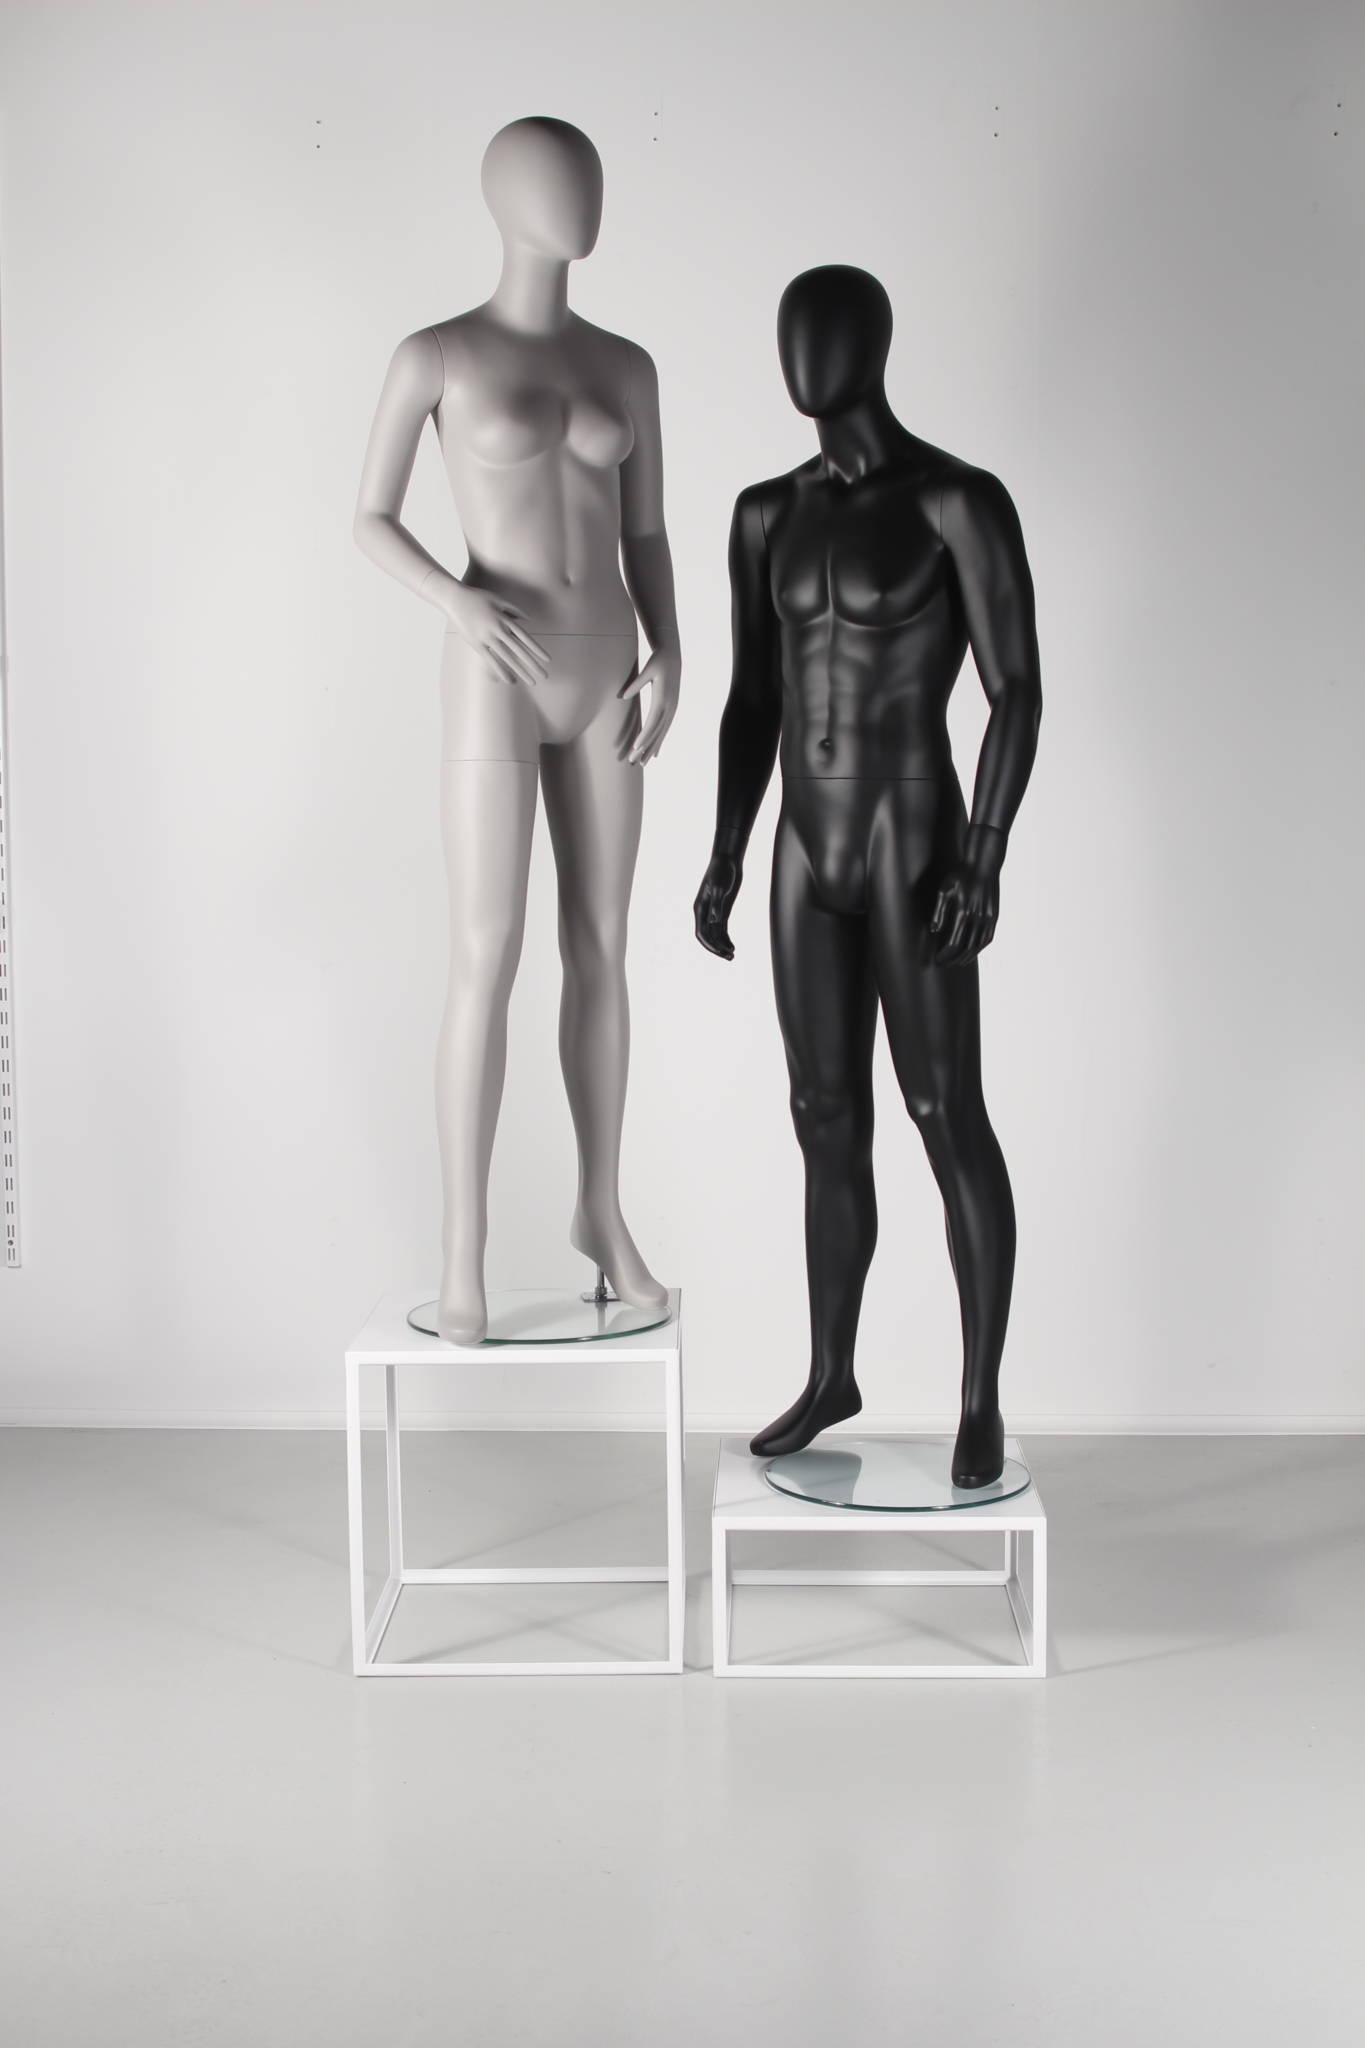 mannequin podie i hvid eller sort